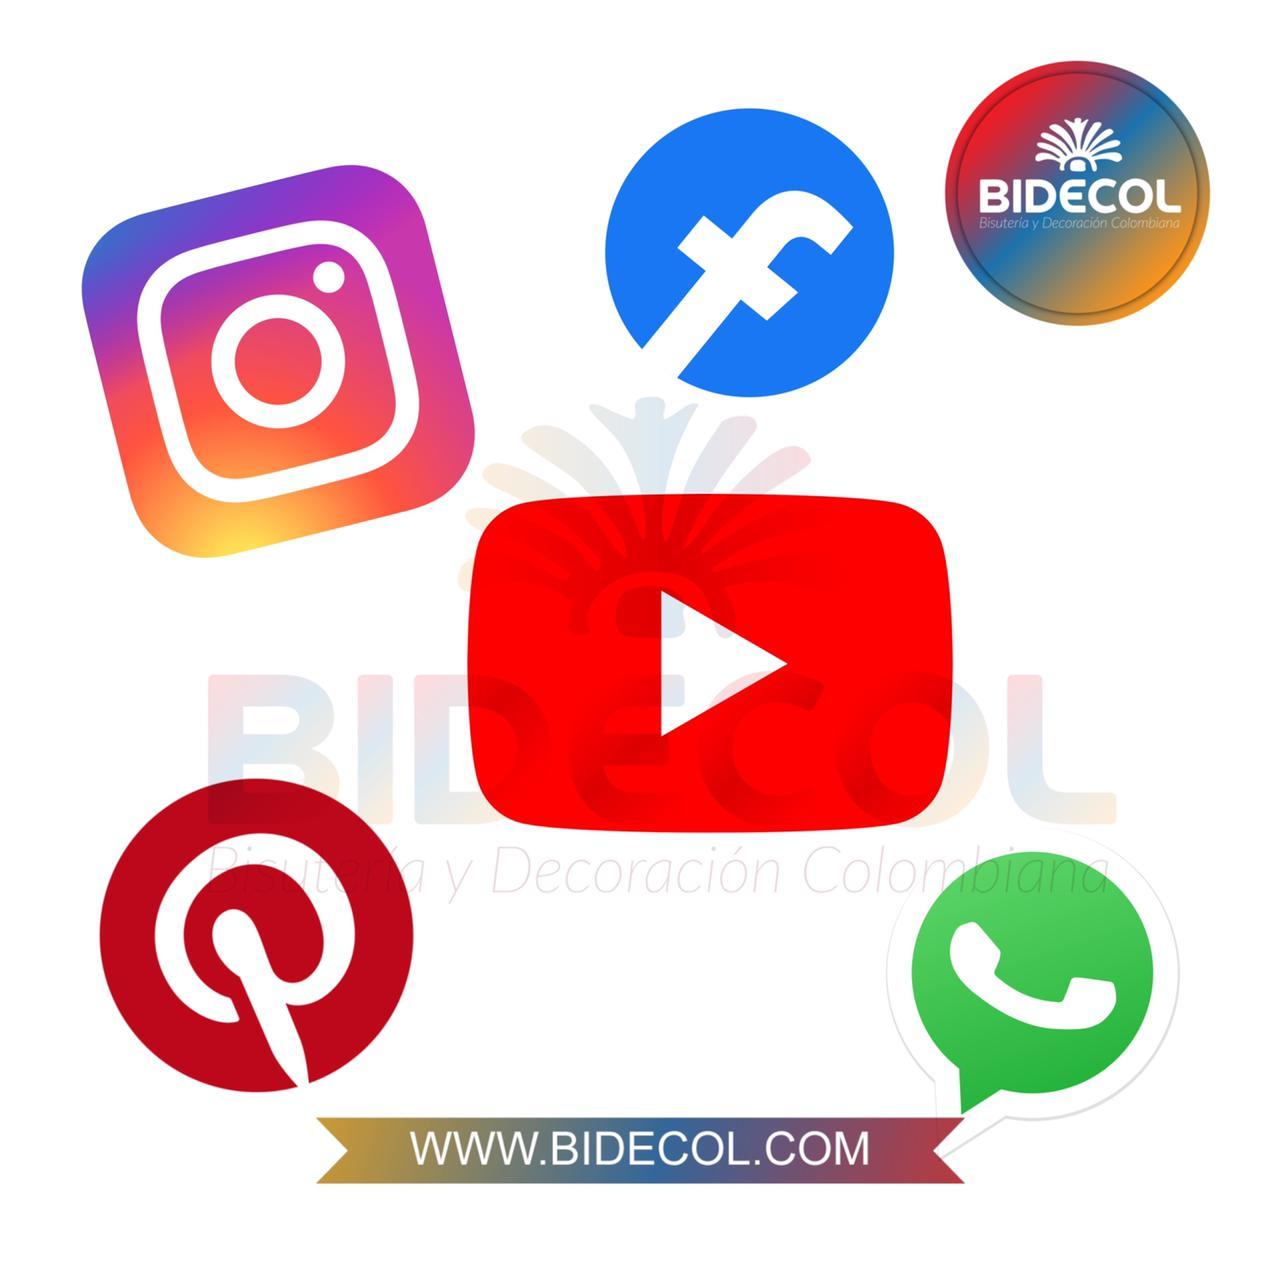 Redes Sociales Bidecol